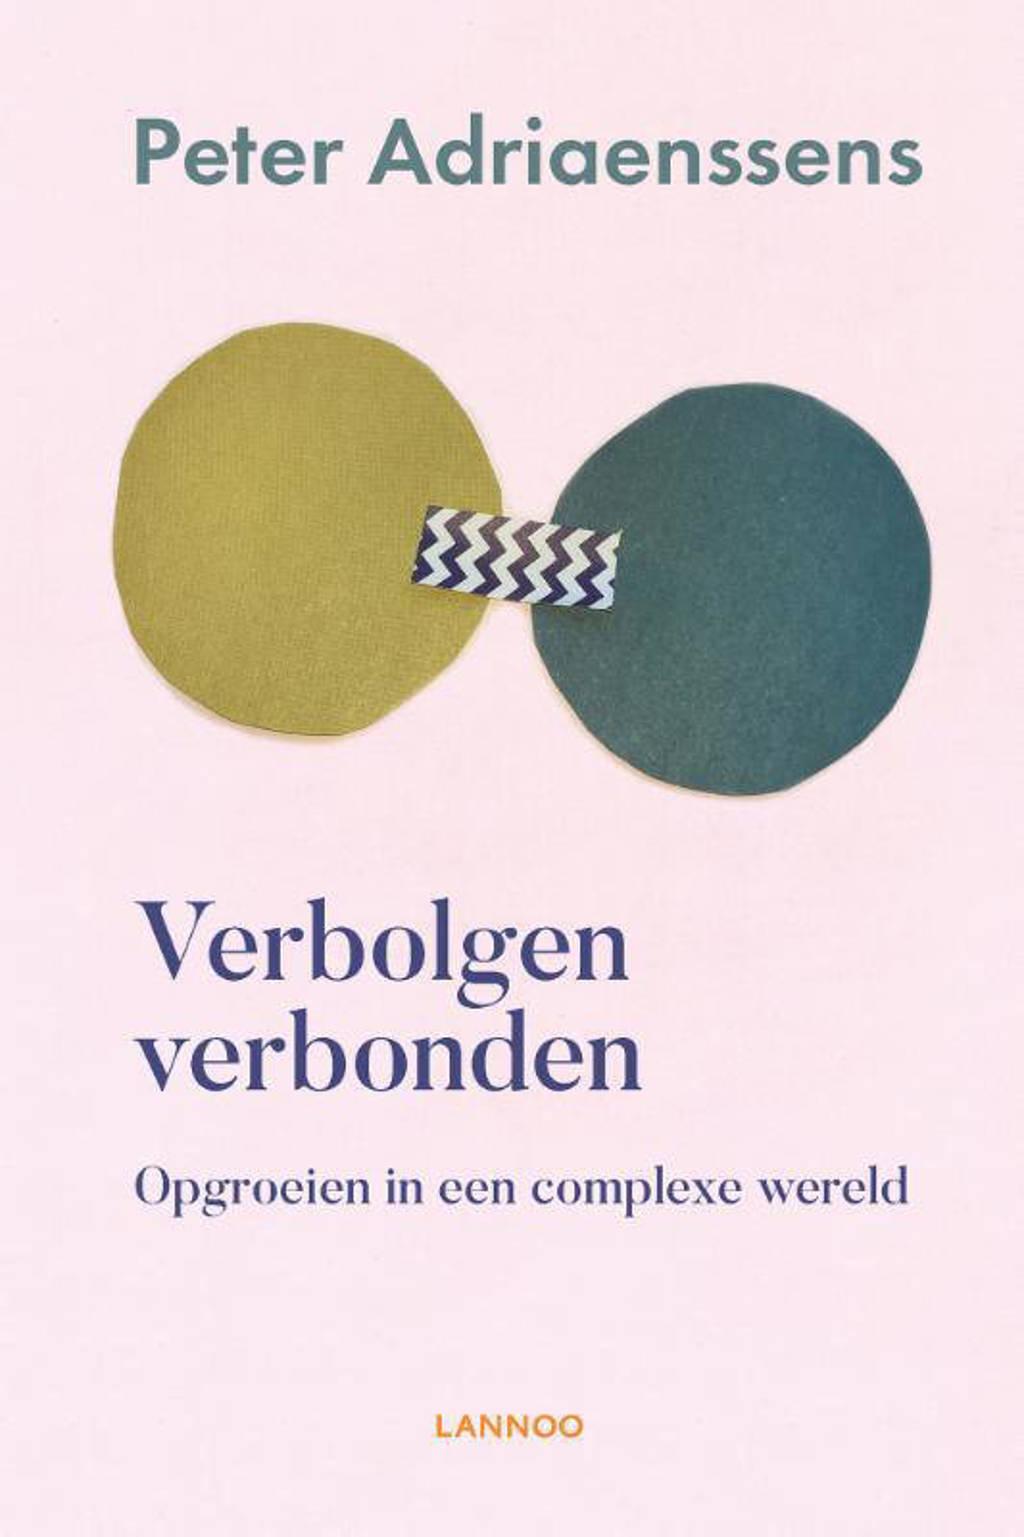 Verbolgen verbonden - Peter Adriaenssens